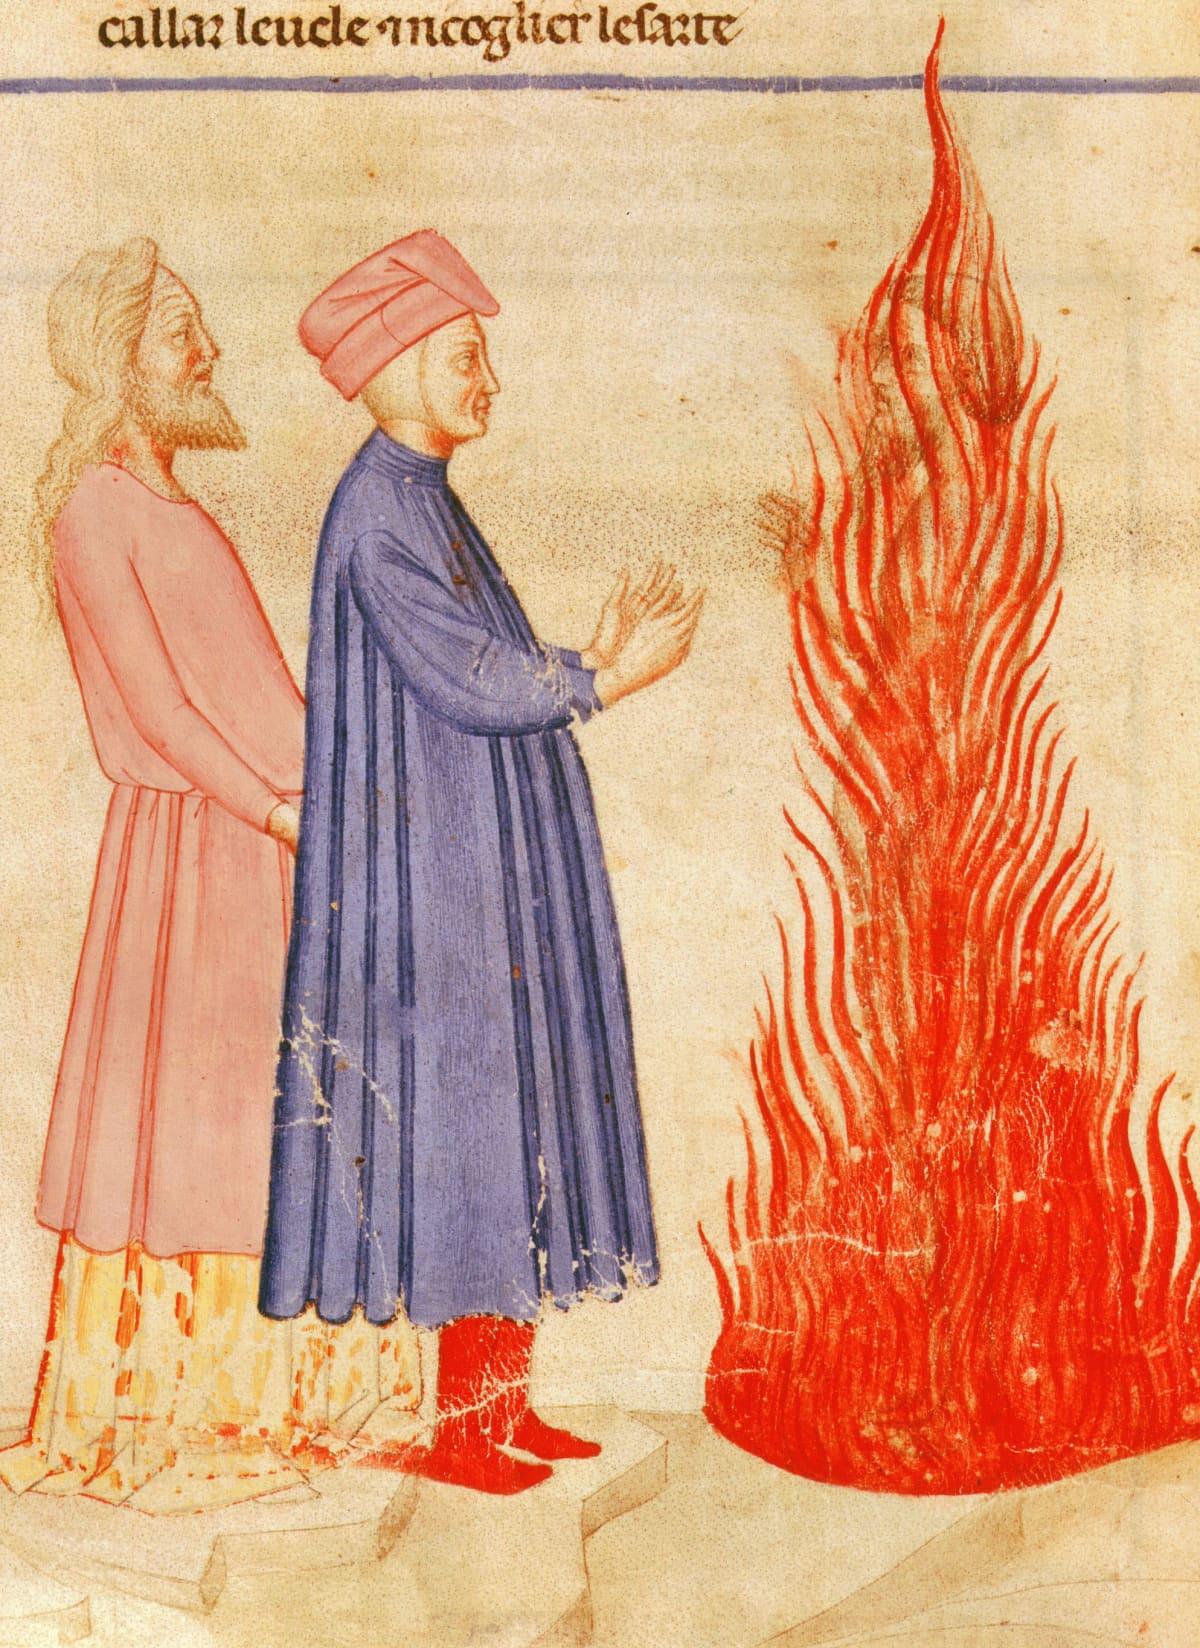 Dante ja Virgil puhuvat Ulyssesille joka on liekeissä.